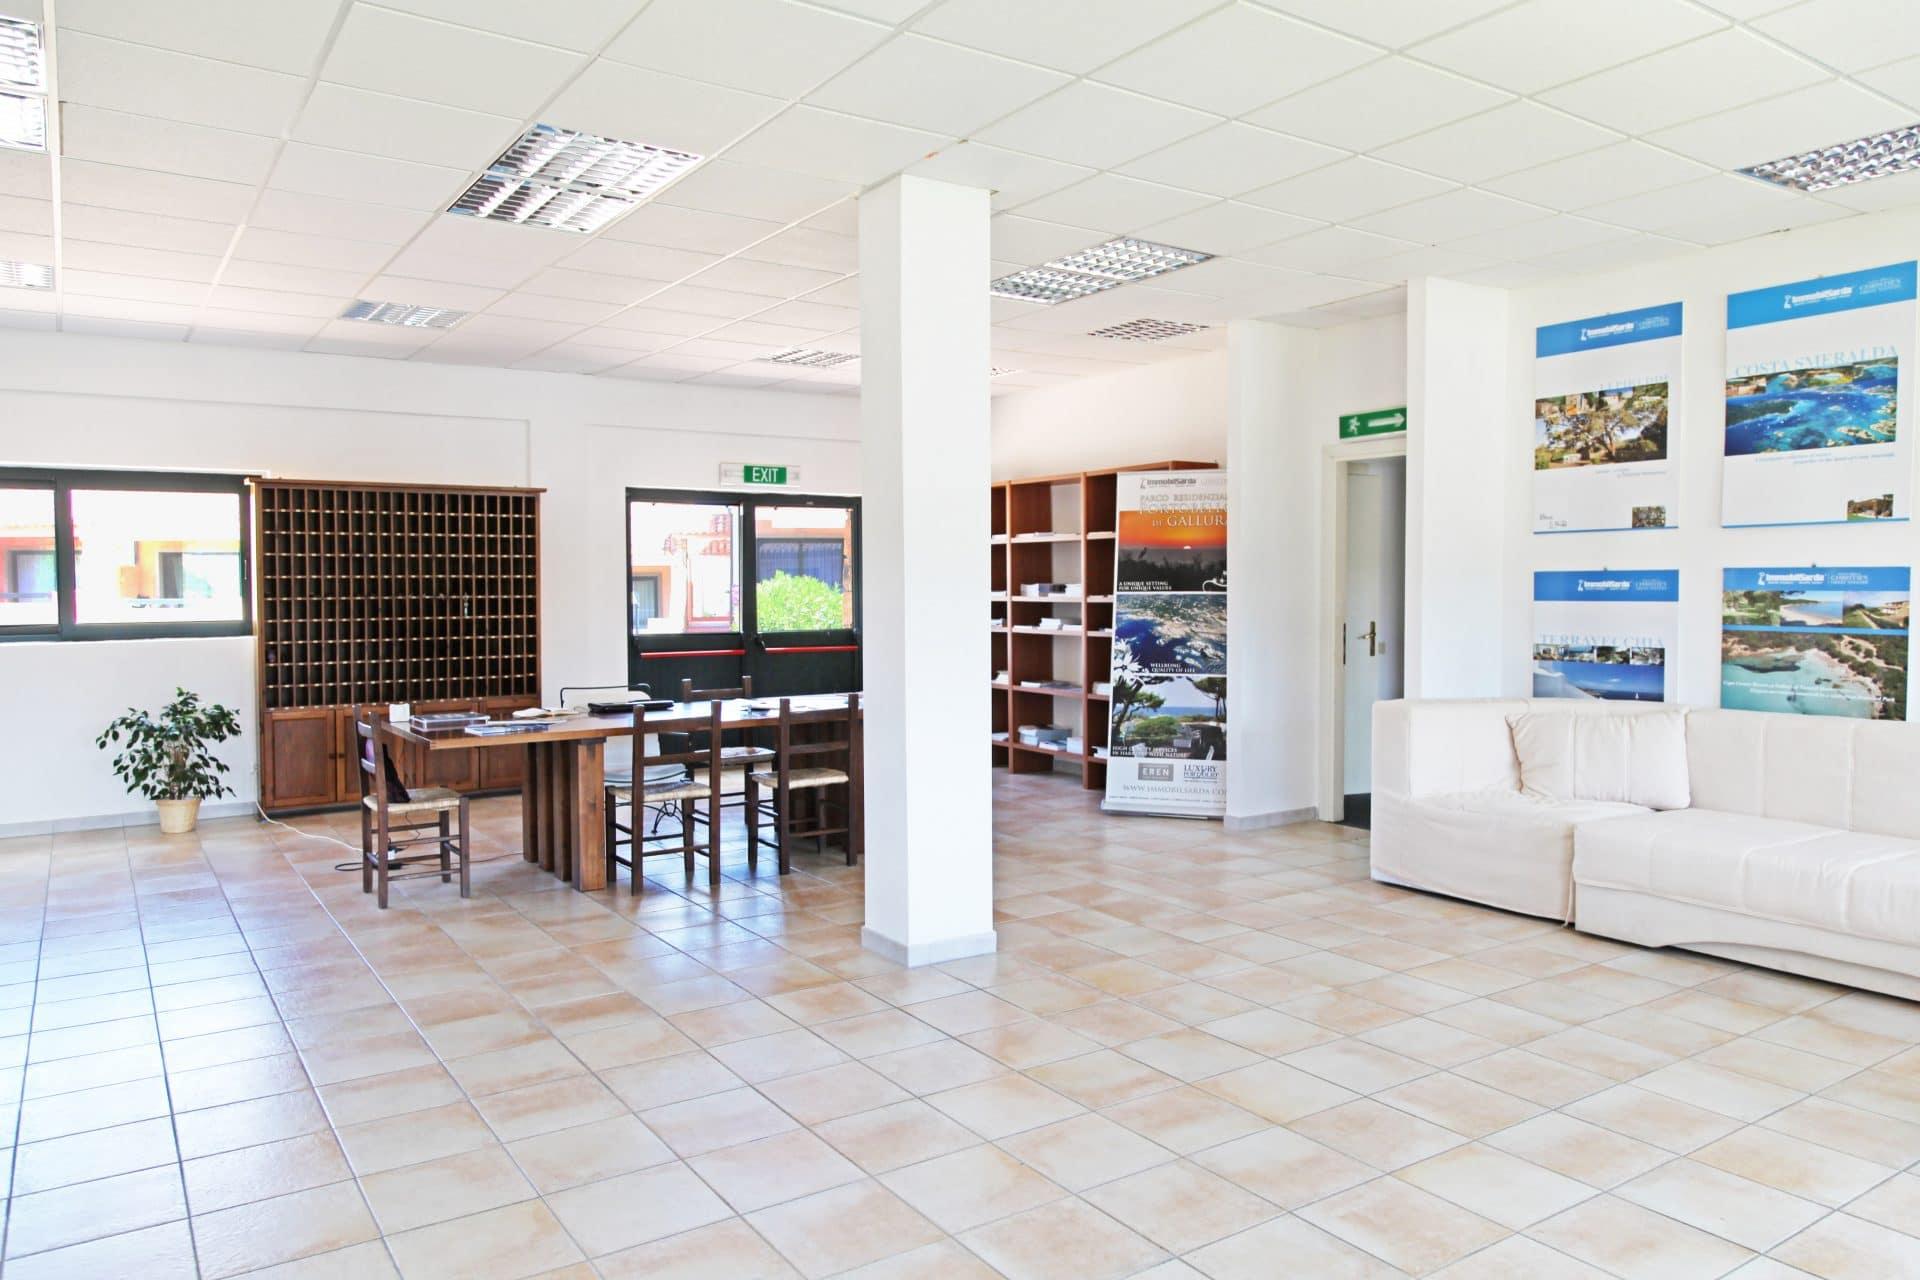 Immobilsarda inaugura il nuovo Ufficio di Palau